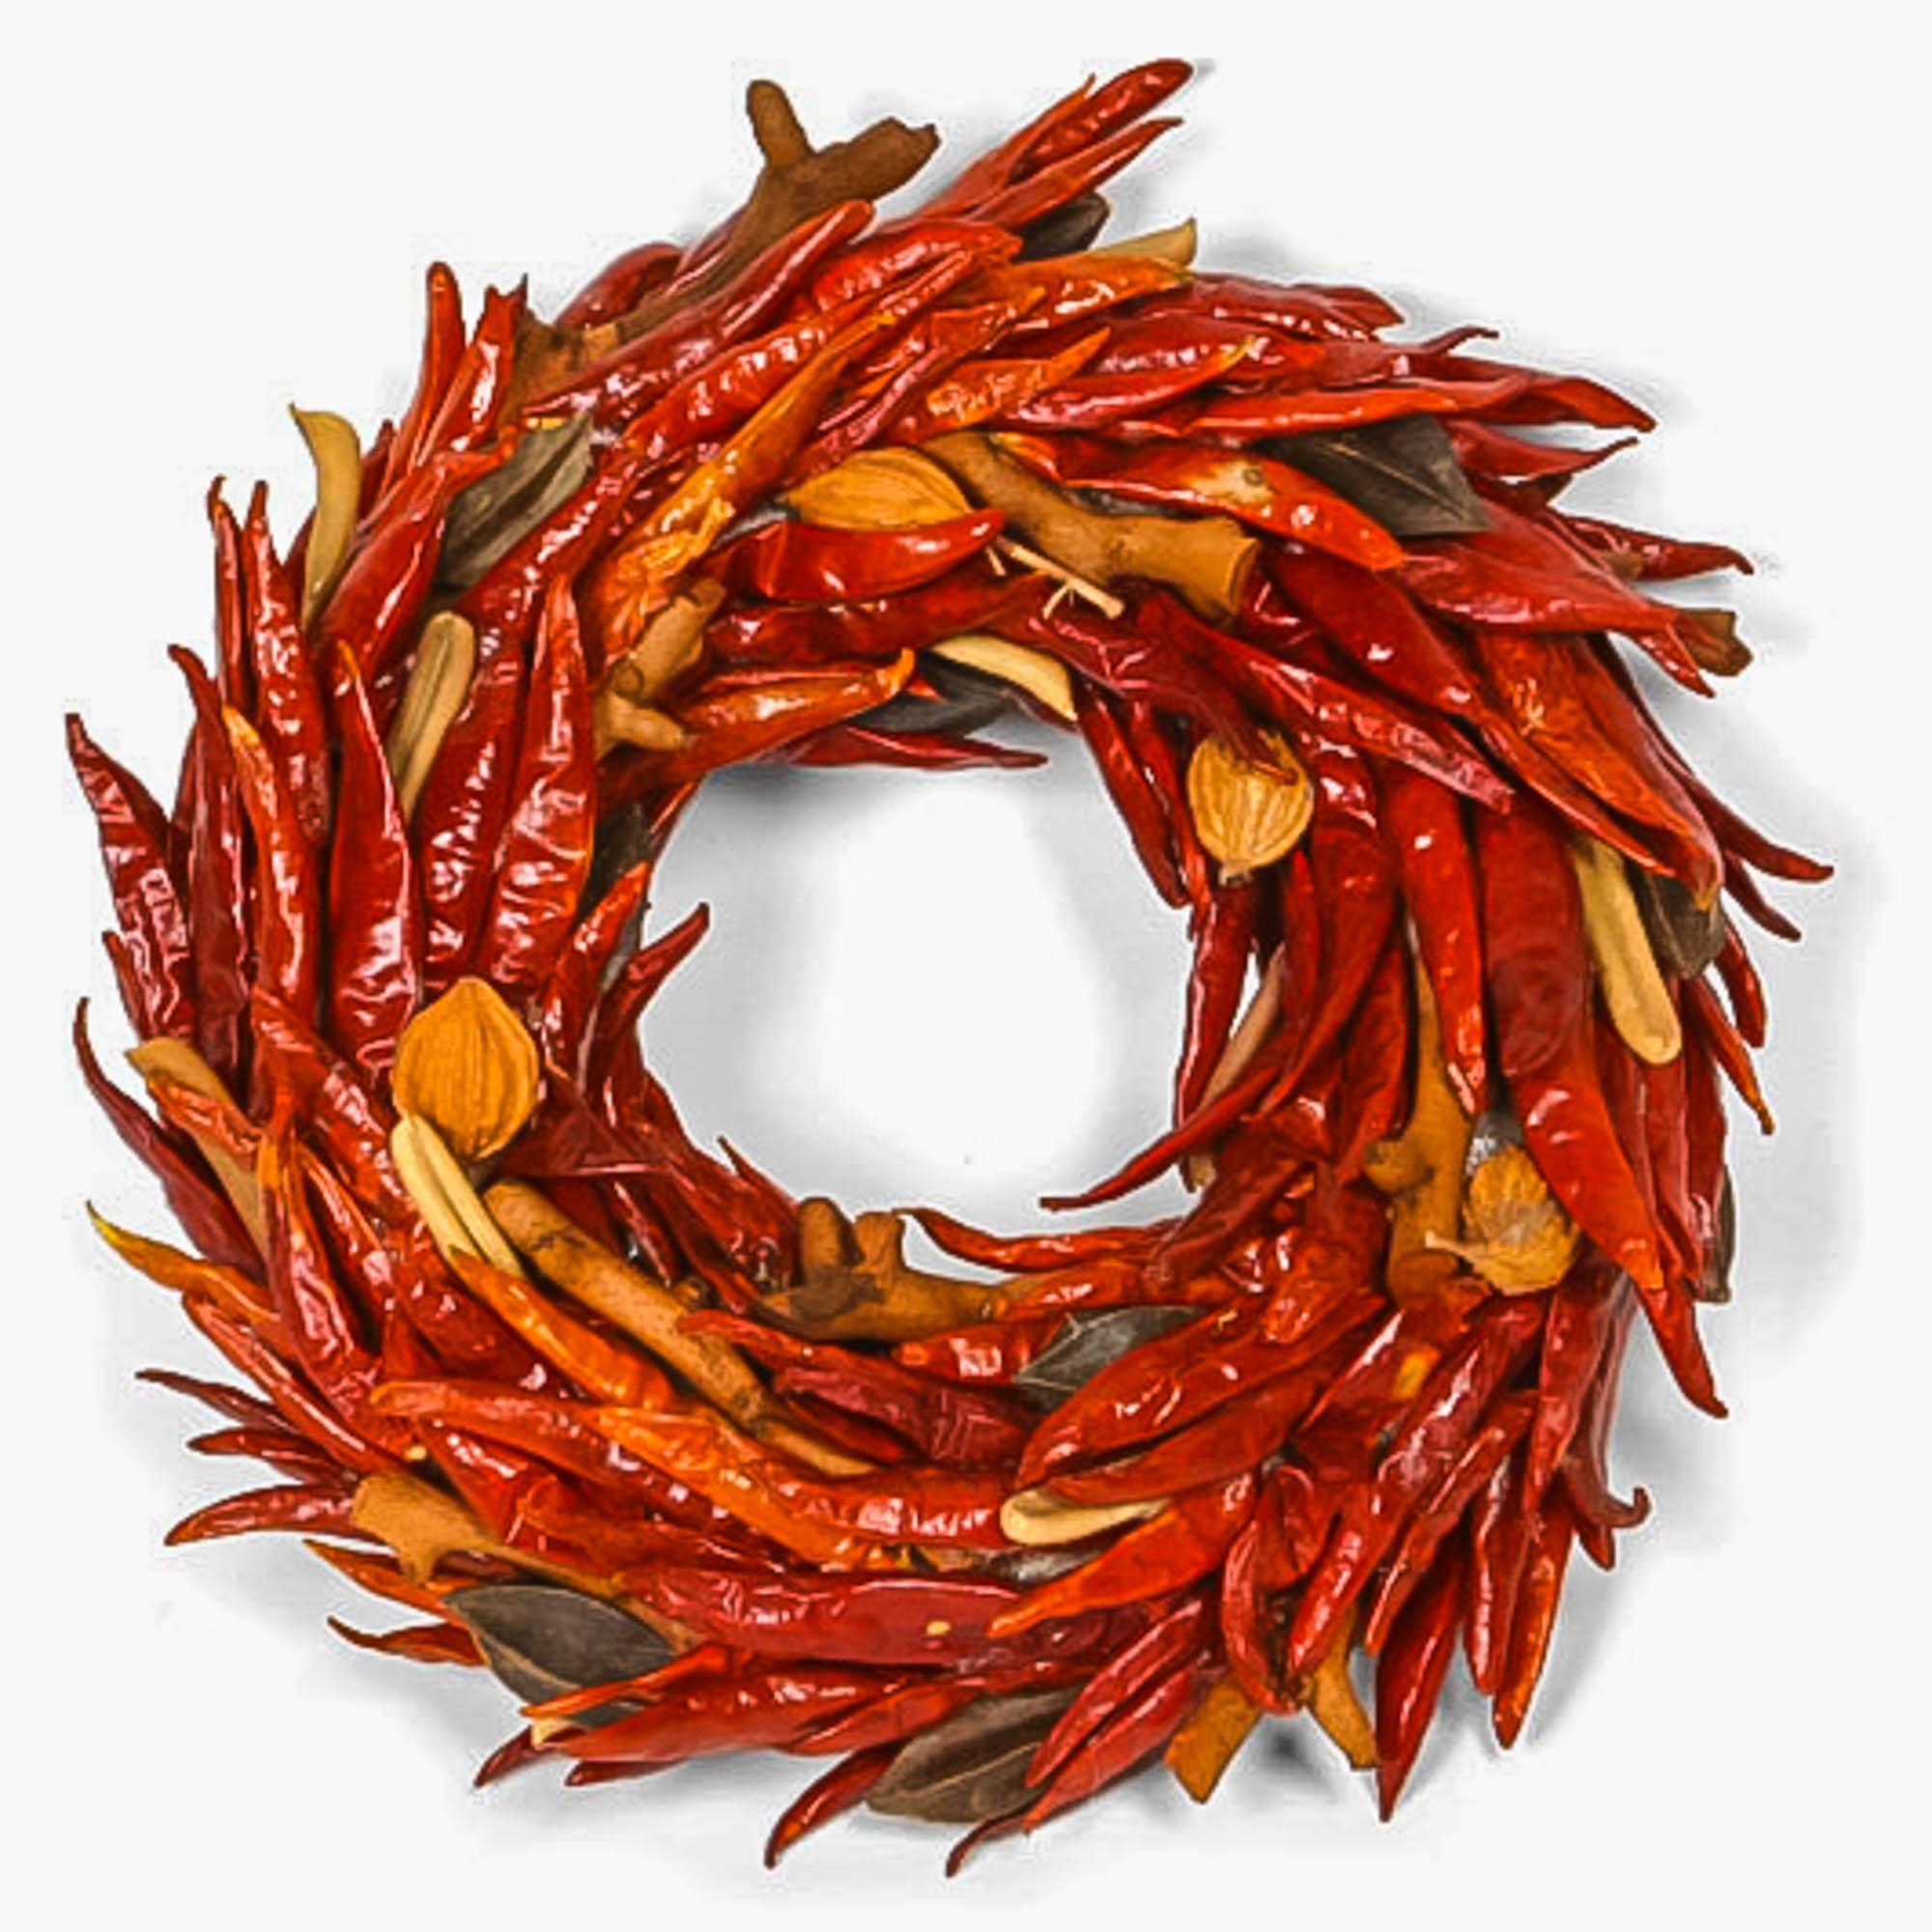 Chili Pepper Crafts